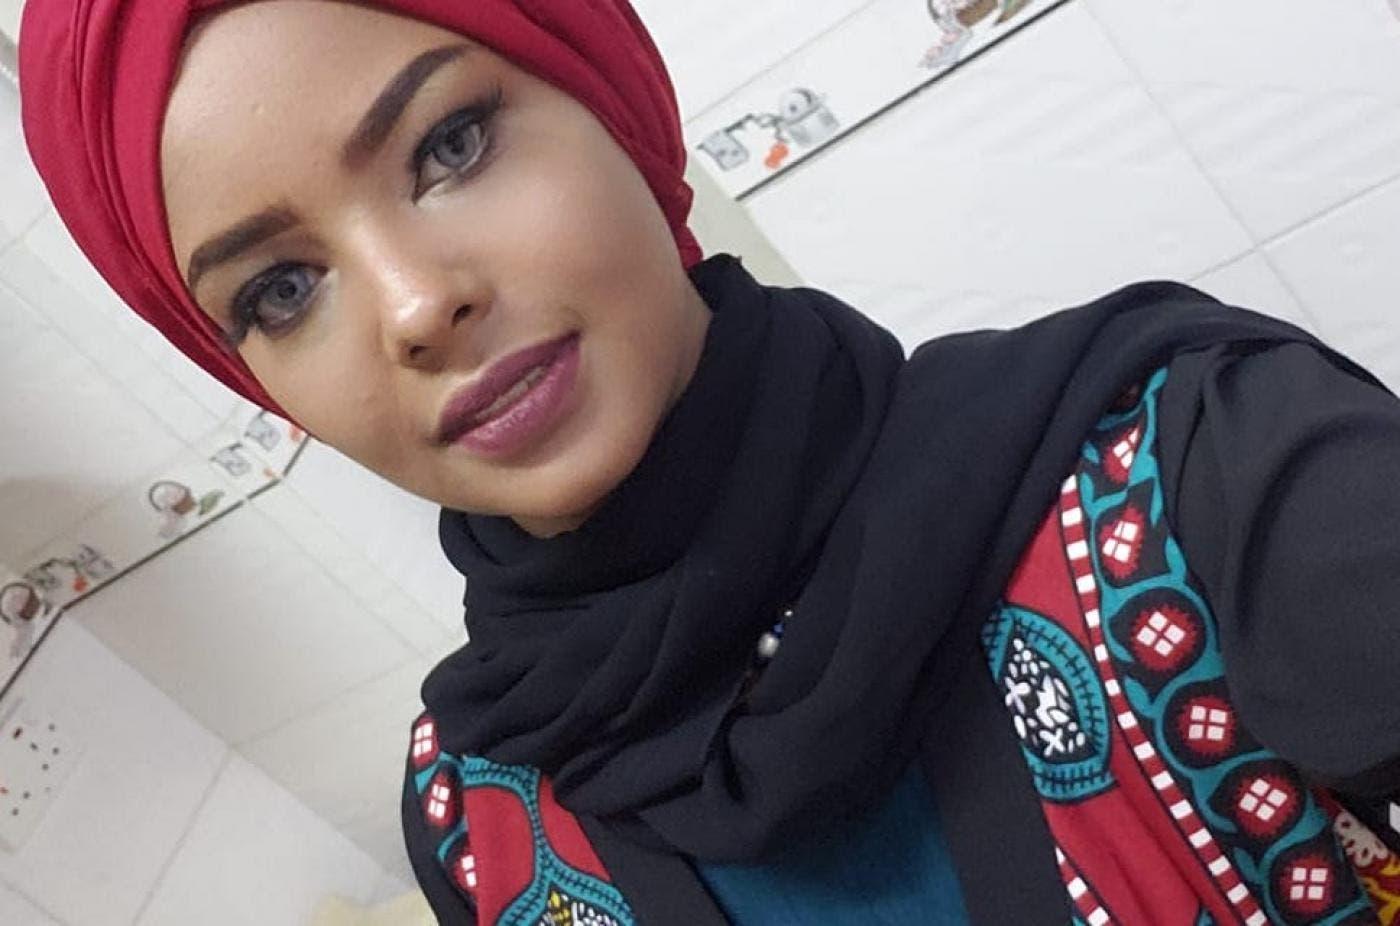 aaffce4e dc93 4a5a 9996 44cfca833e02 - ممثلة اليمن المخطوفة.. تنتظر فحصا نسائيا مهينا